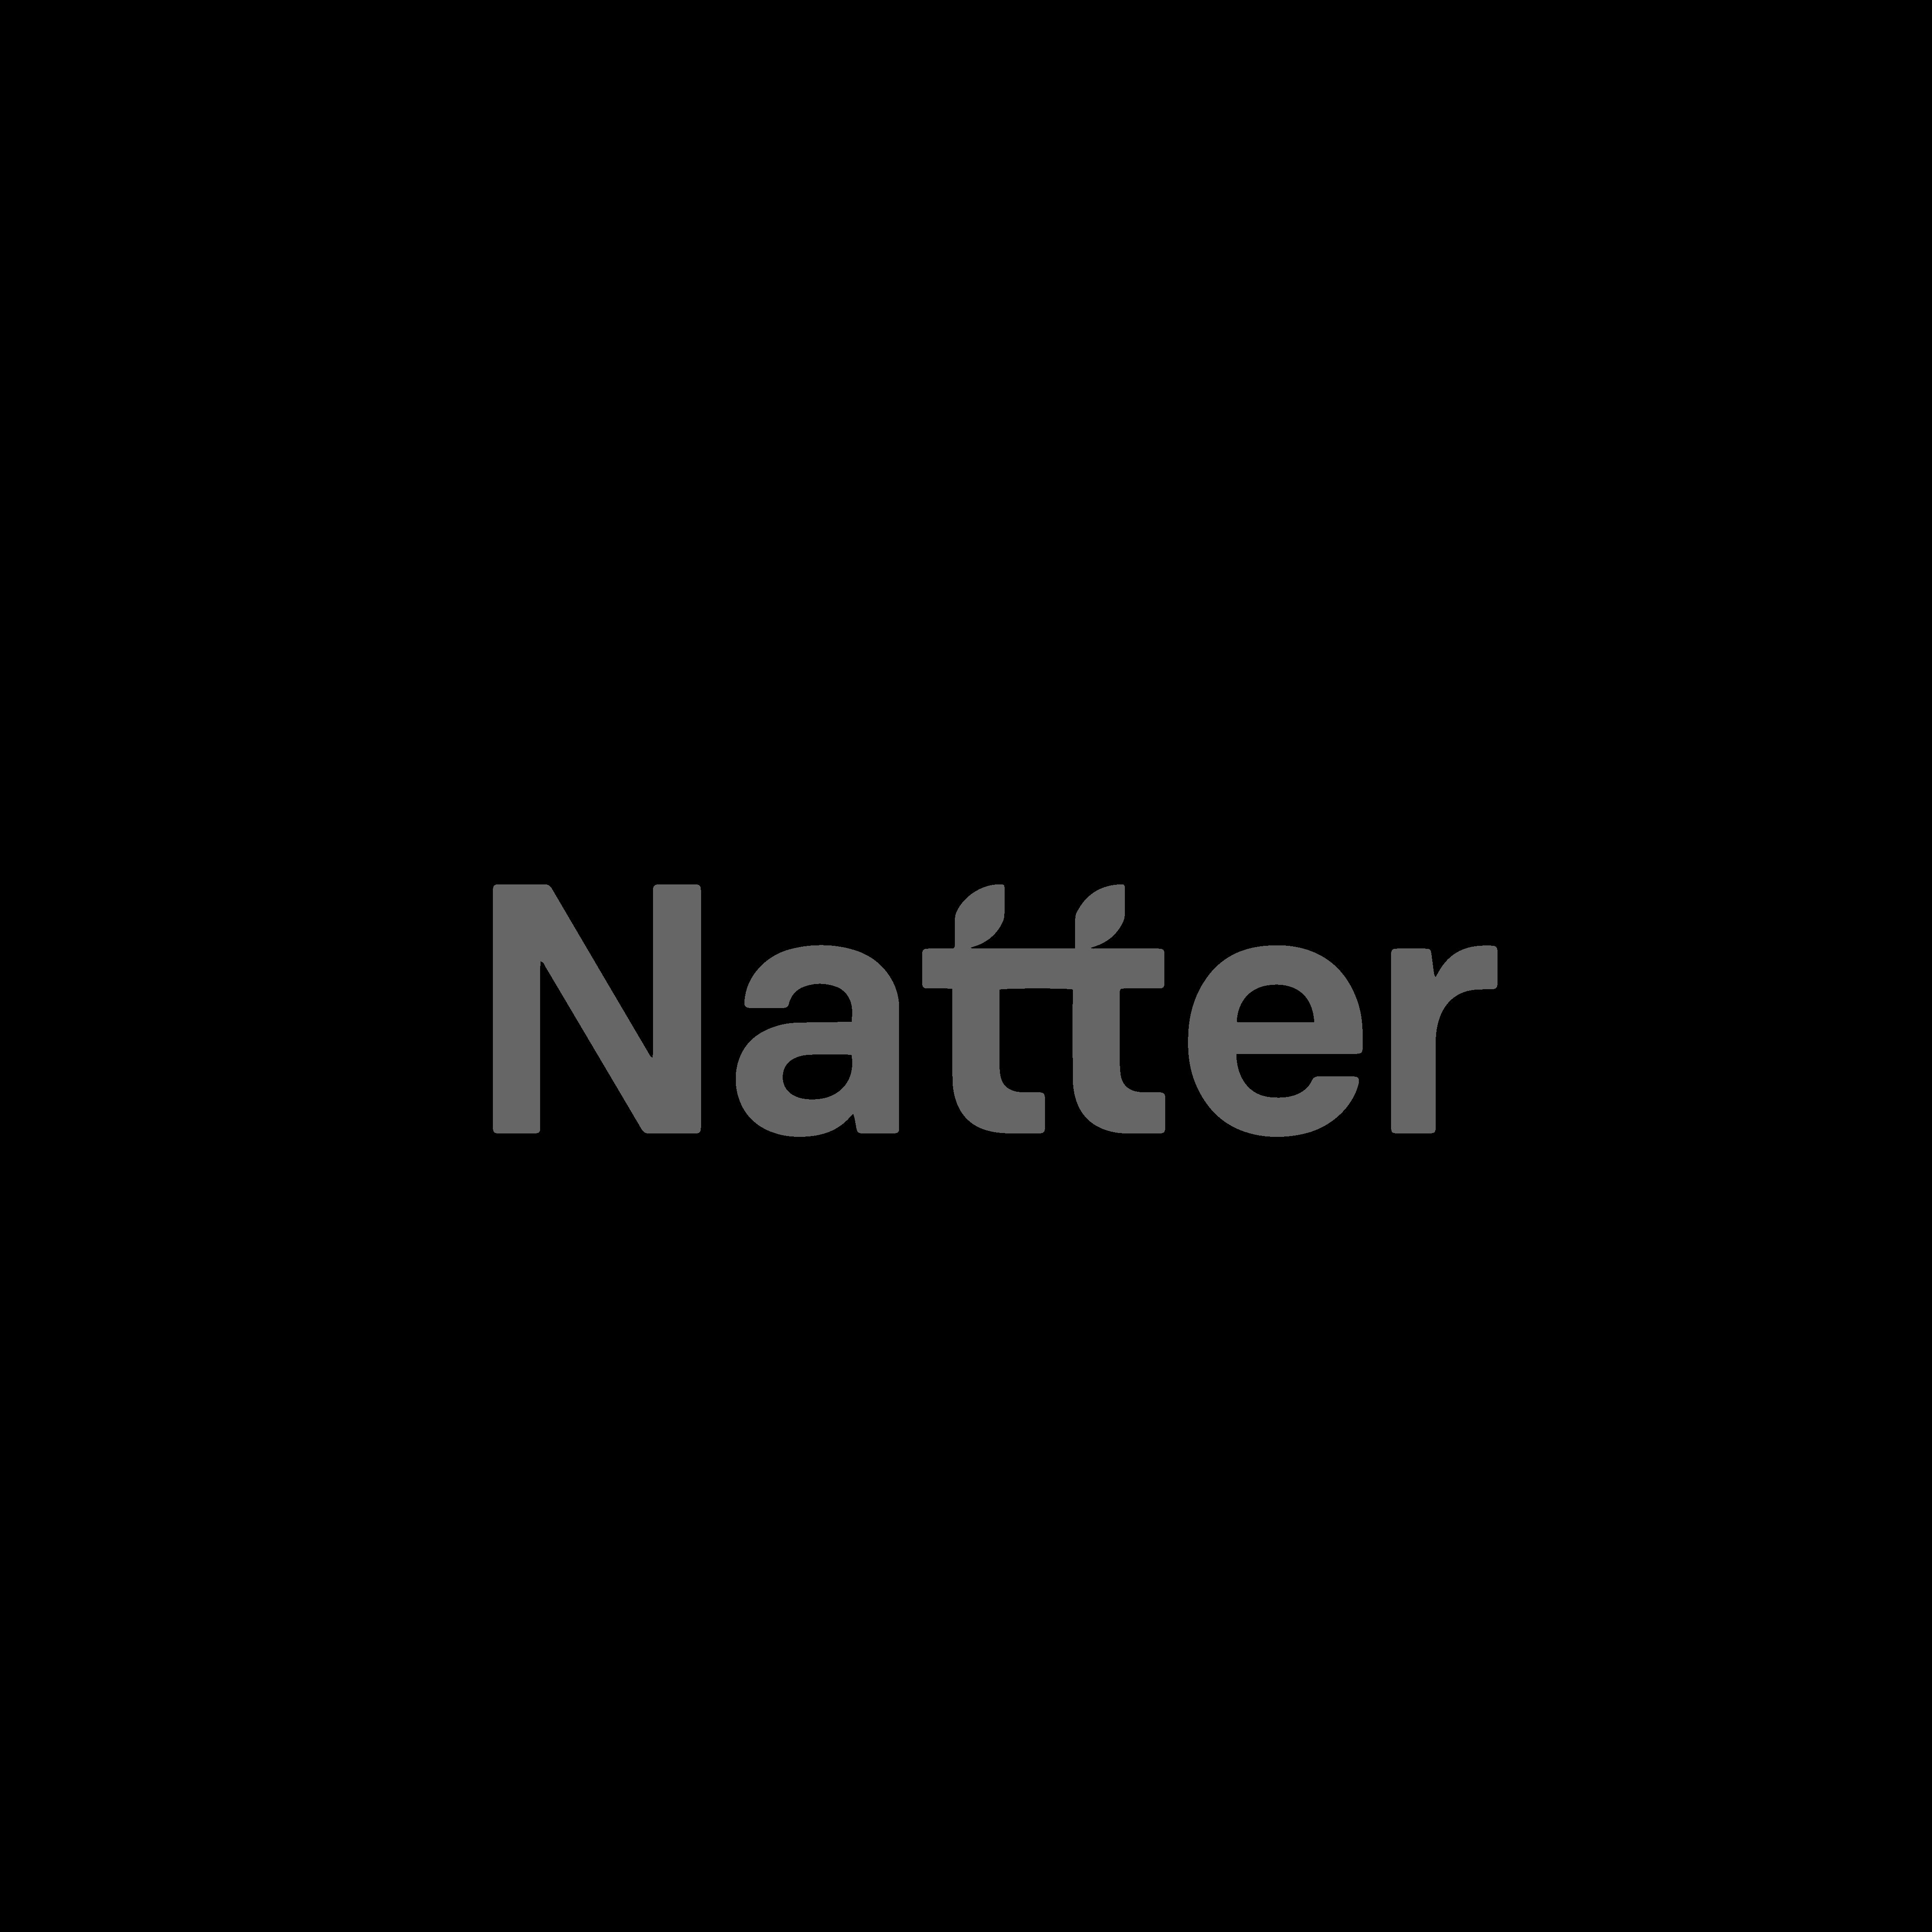 NATTER